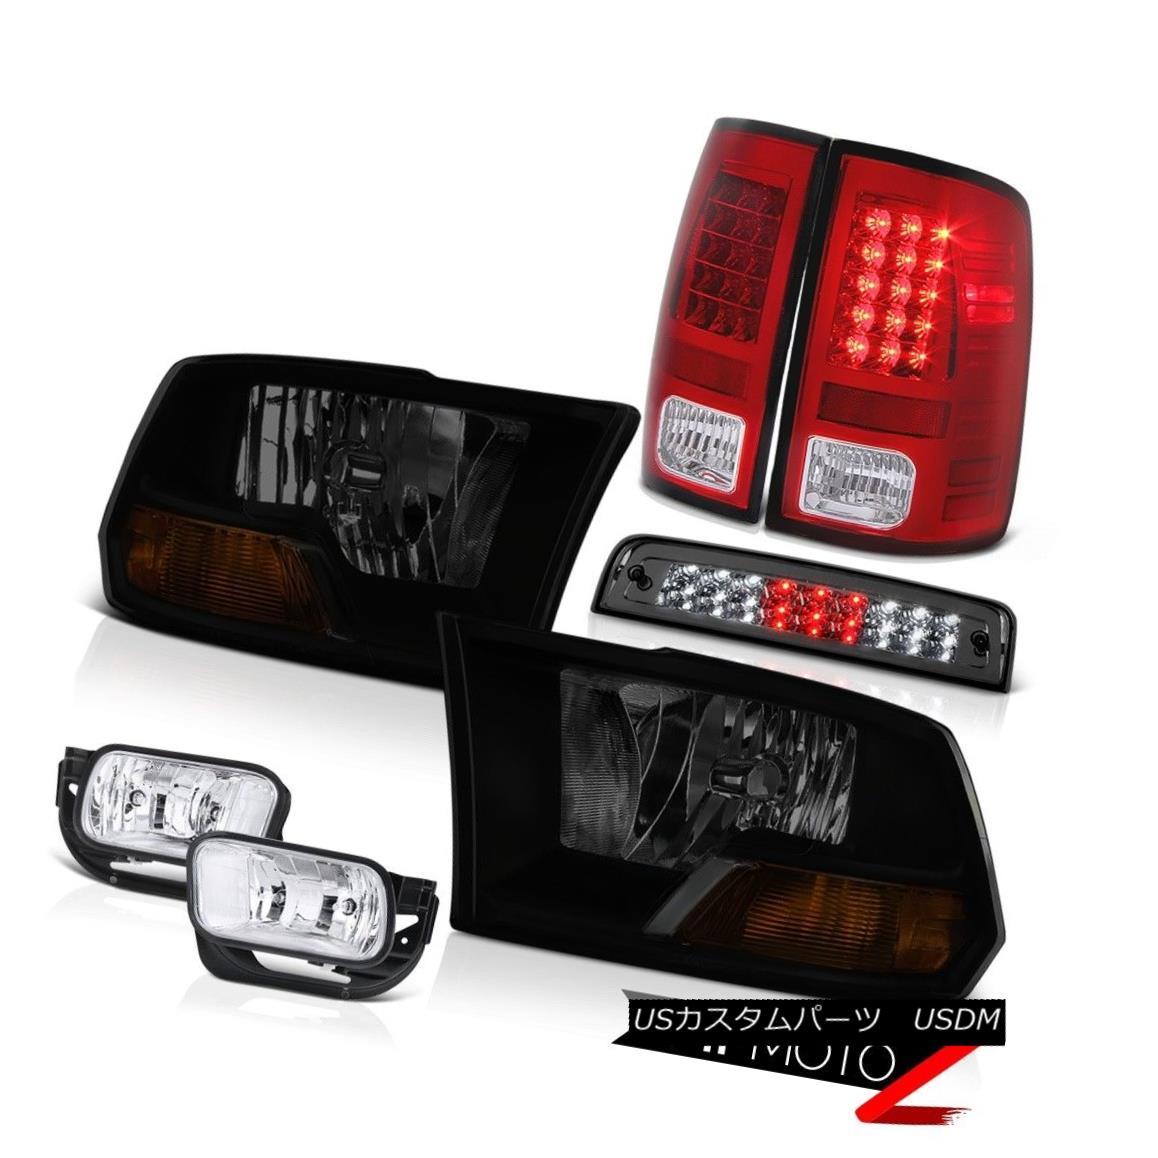 テールライト 2010-2018 Dodge Ram 2500 6.7L Fog Lamps 3RD Brake Lamp Tail Headlamps OE Style 2010-2018 Dodge Ram 2500 6.7Lフォグランプ3RDブレーキランプテールヘッドランプOEスタイル